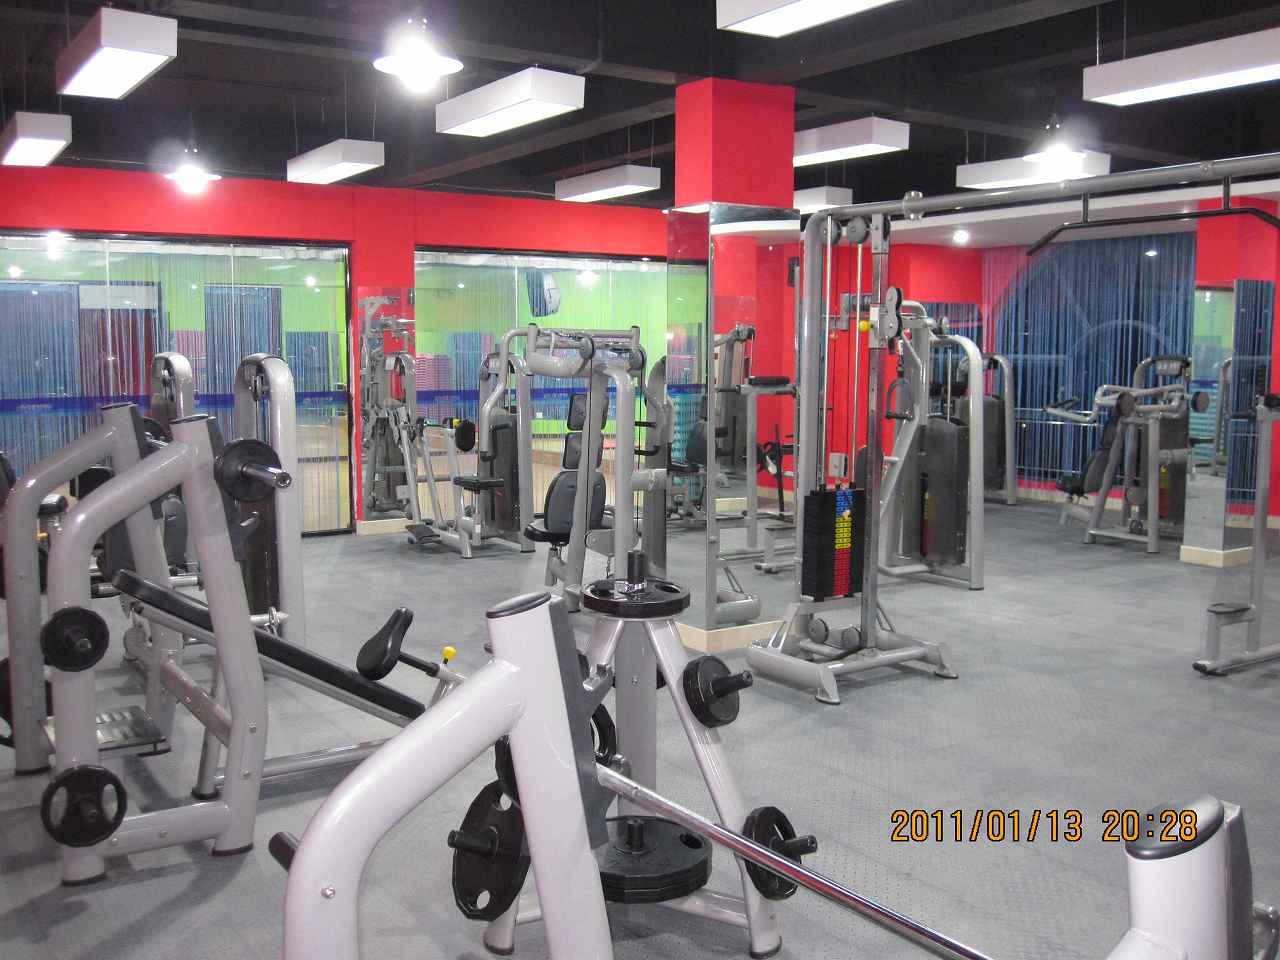 佛山投资一家健身房的所有成本